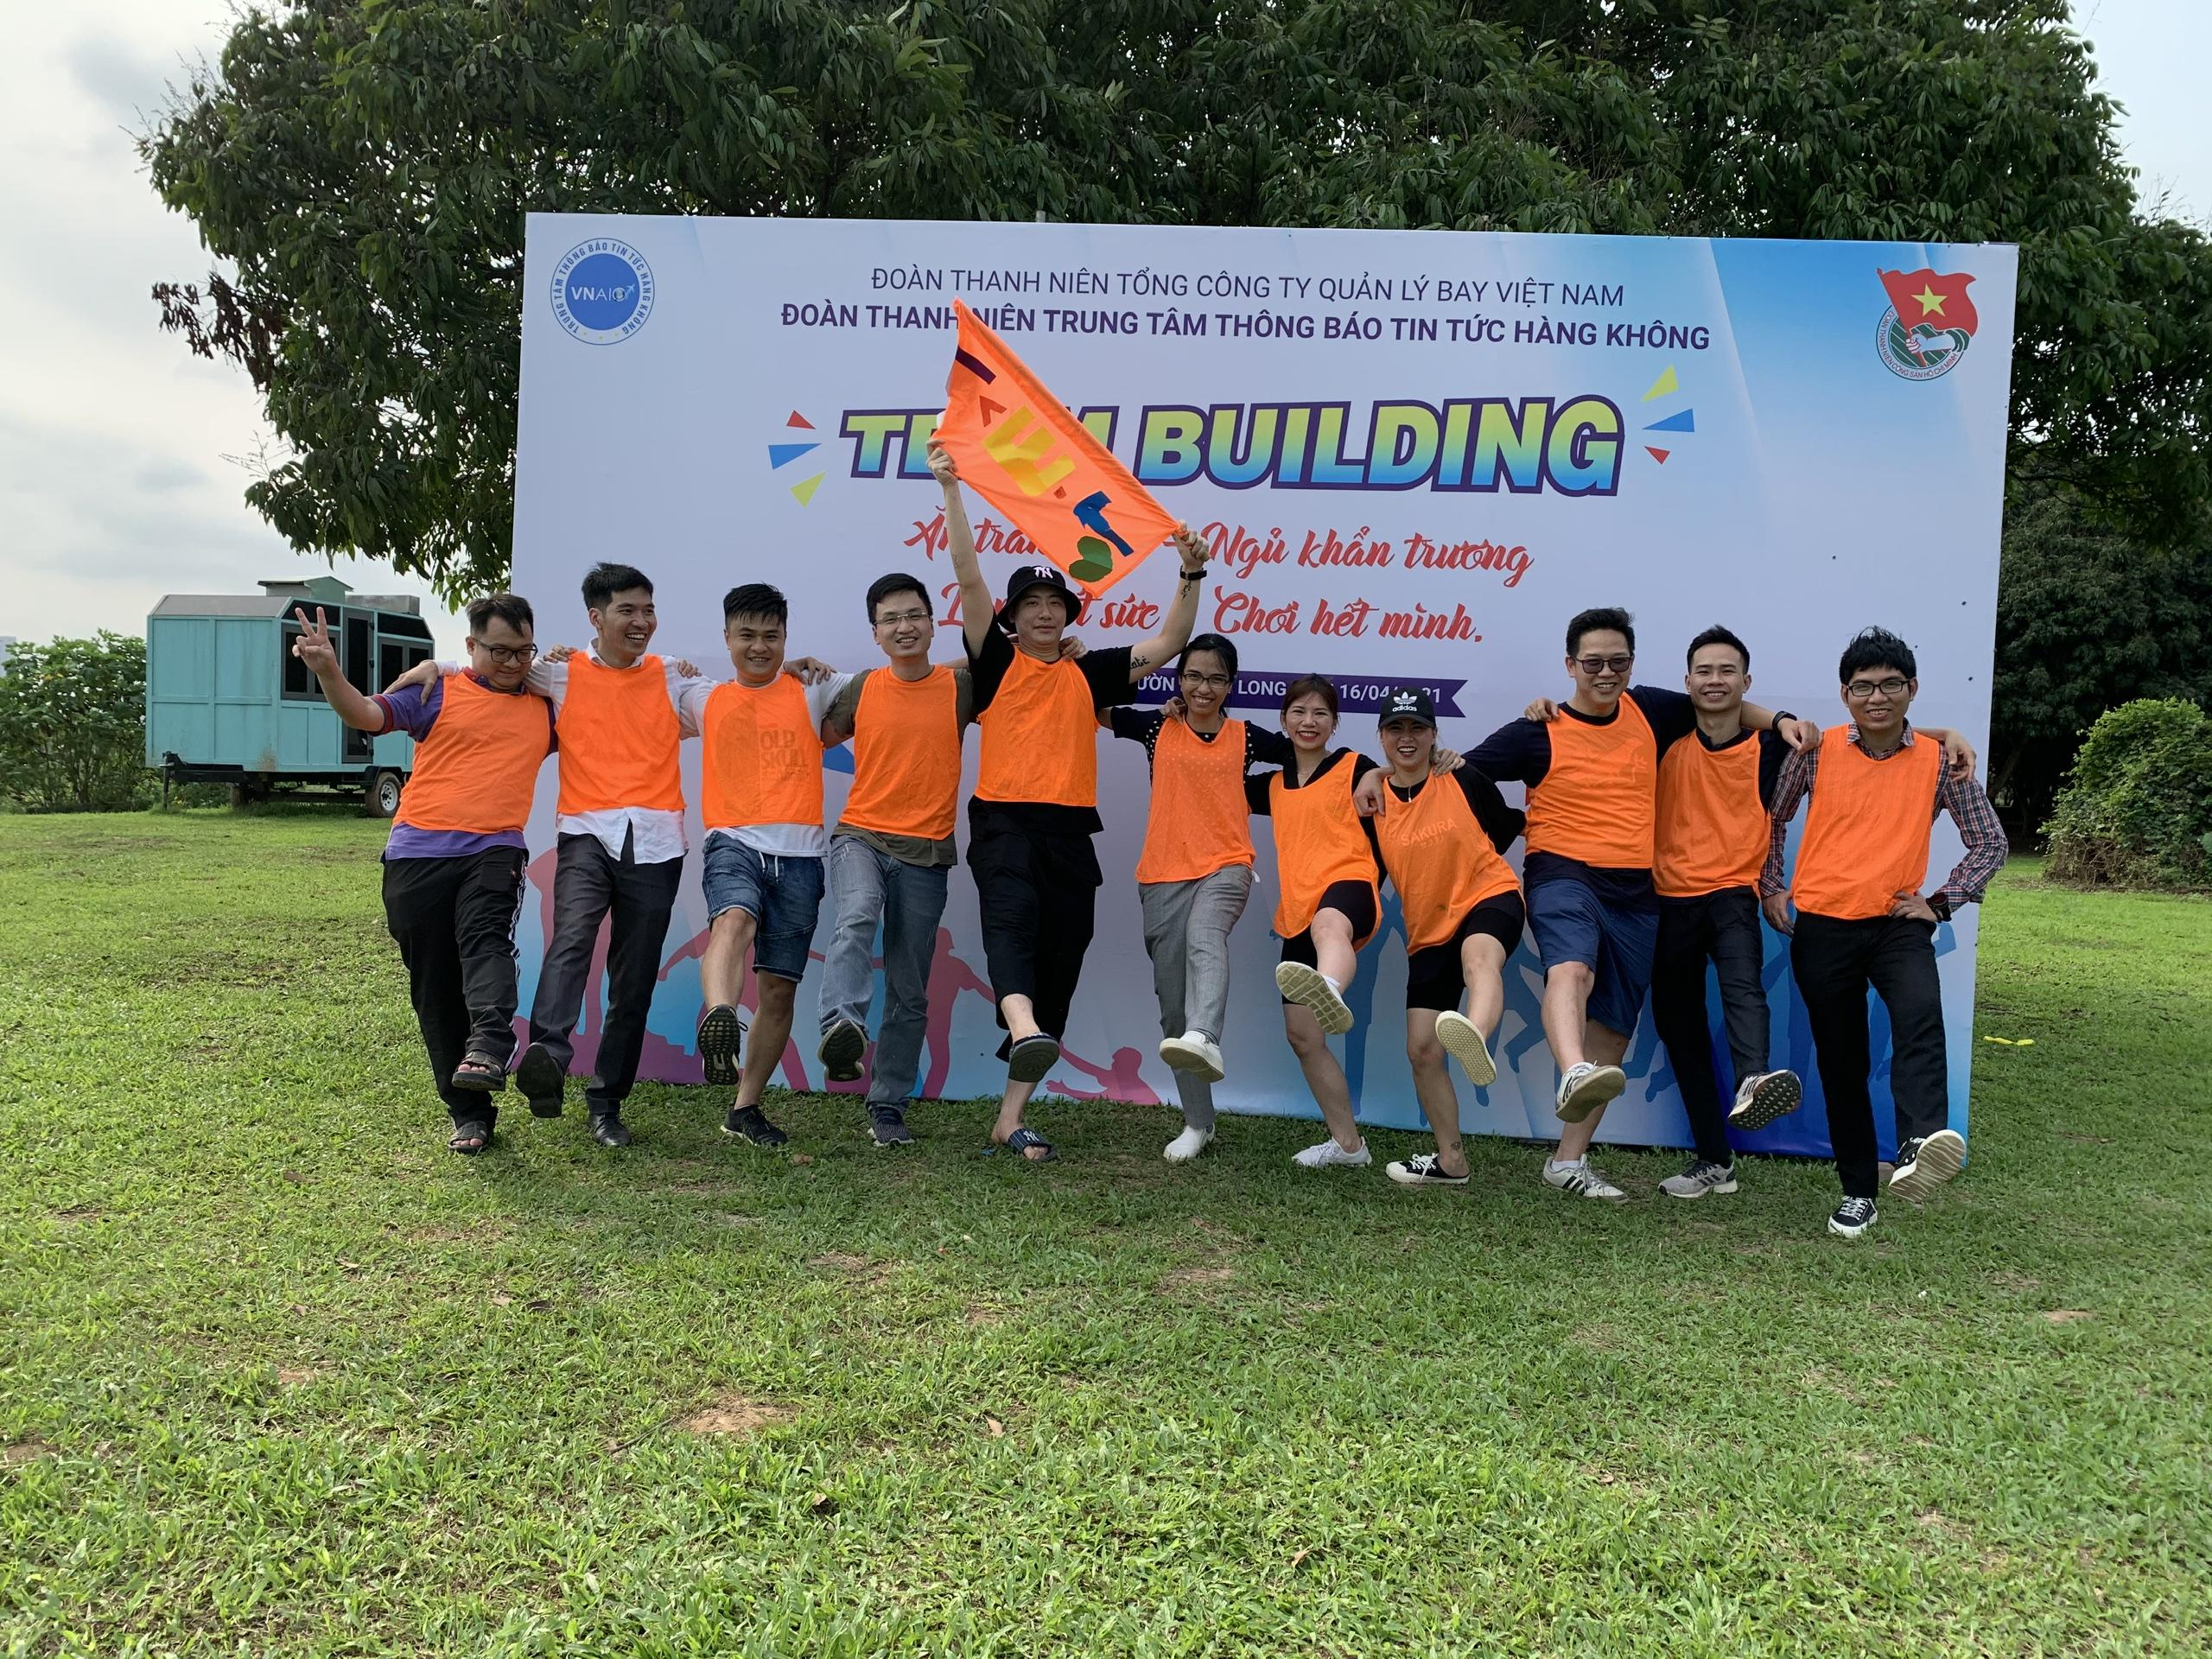 Đoàn Thanh niên Trung tâm Trung tâm thông báo tin tức hàng không: TeamBuilding chào mừng 90 năm Ngày thành lập Đoàn TNCS Hồ Chí Minh